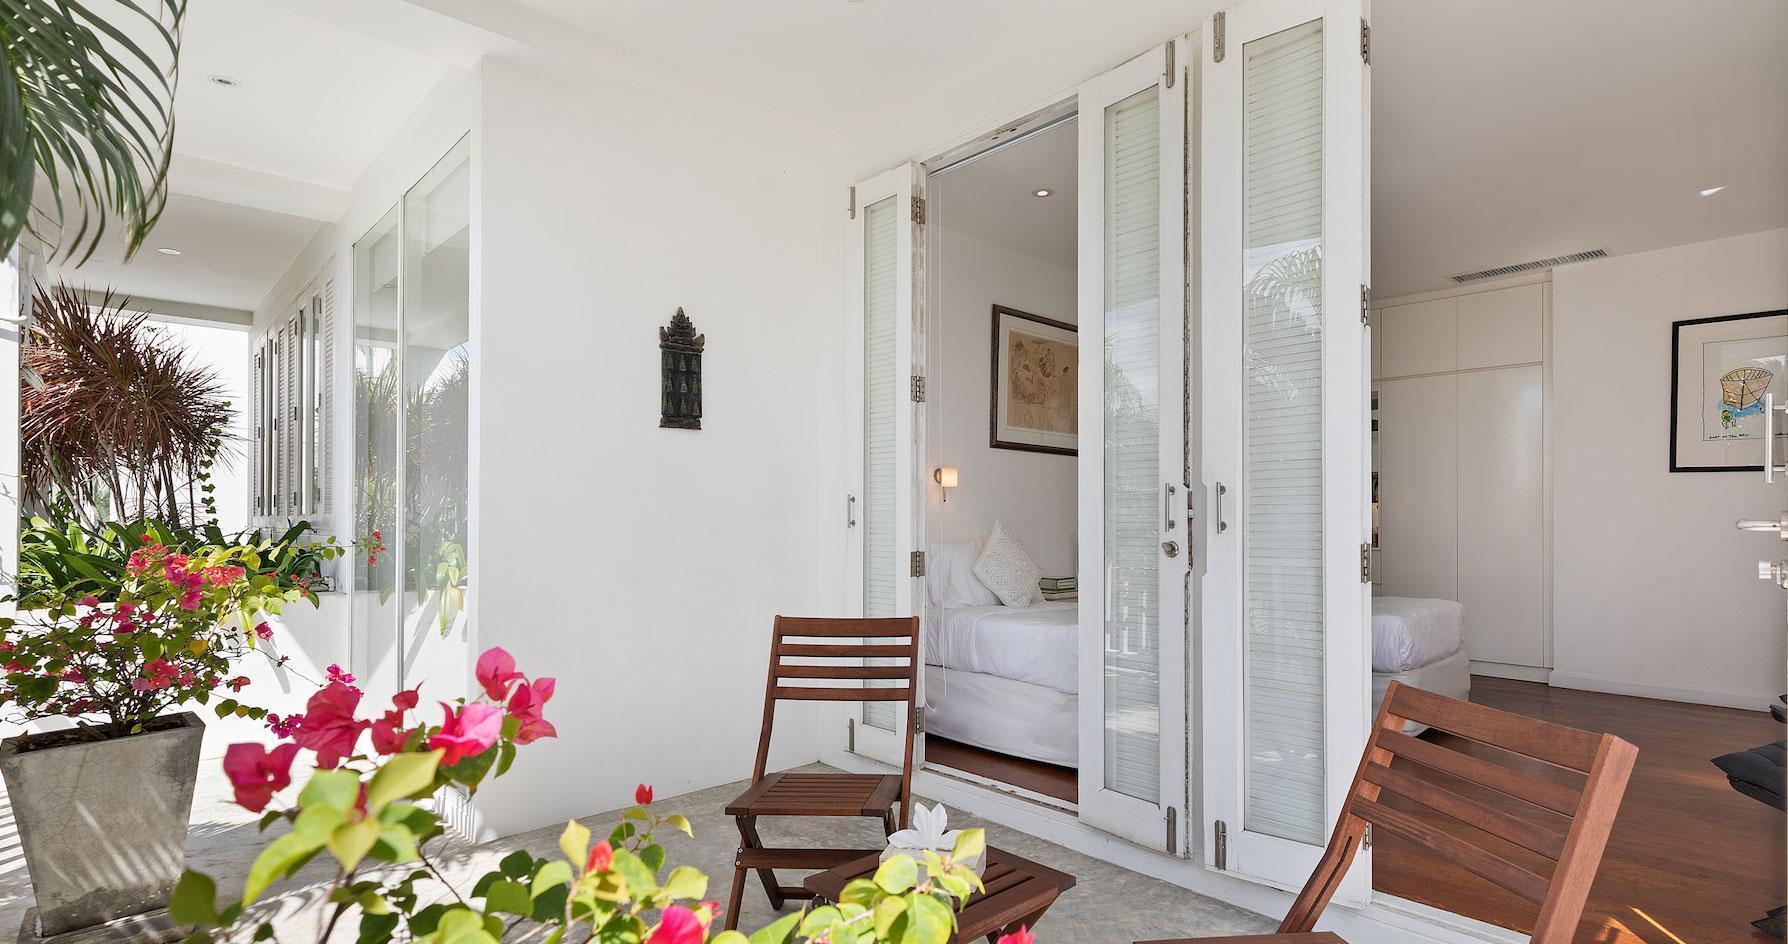 Villa M วิลลา 4 ห้องนอน 5 ห้องน้ำส่วนตัว ขนาด 2750 ตร.ม. – หาดบ่อผุด